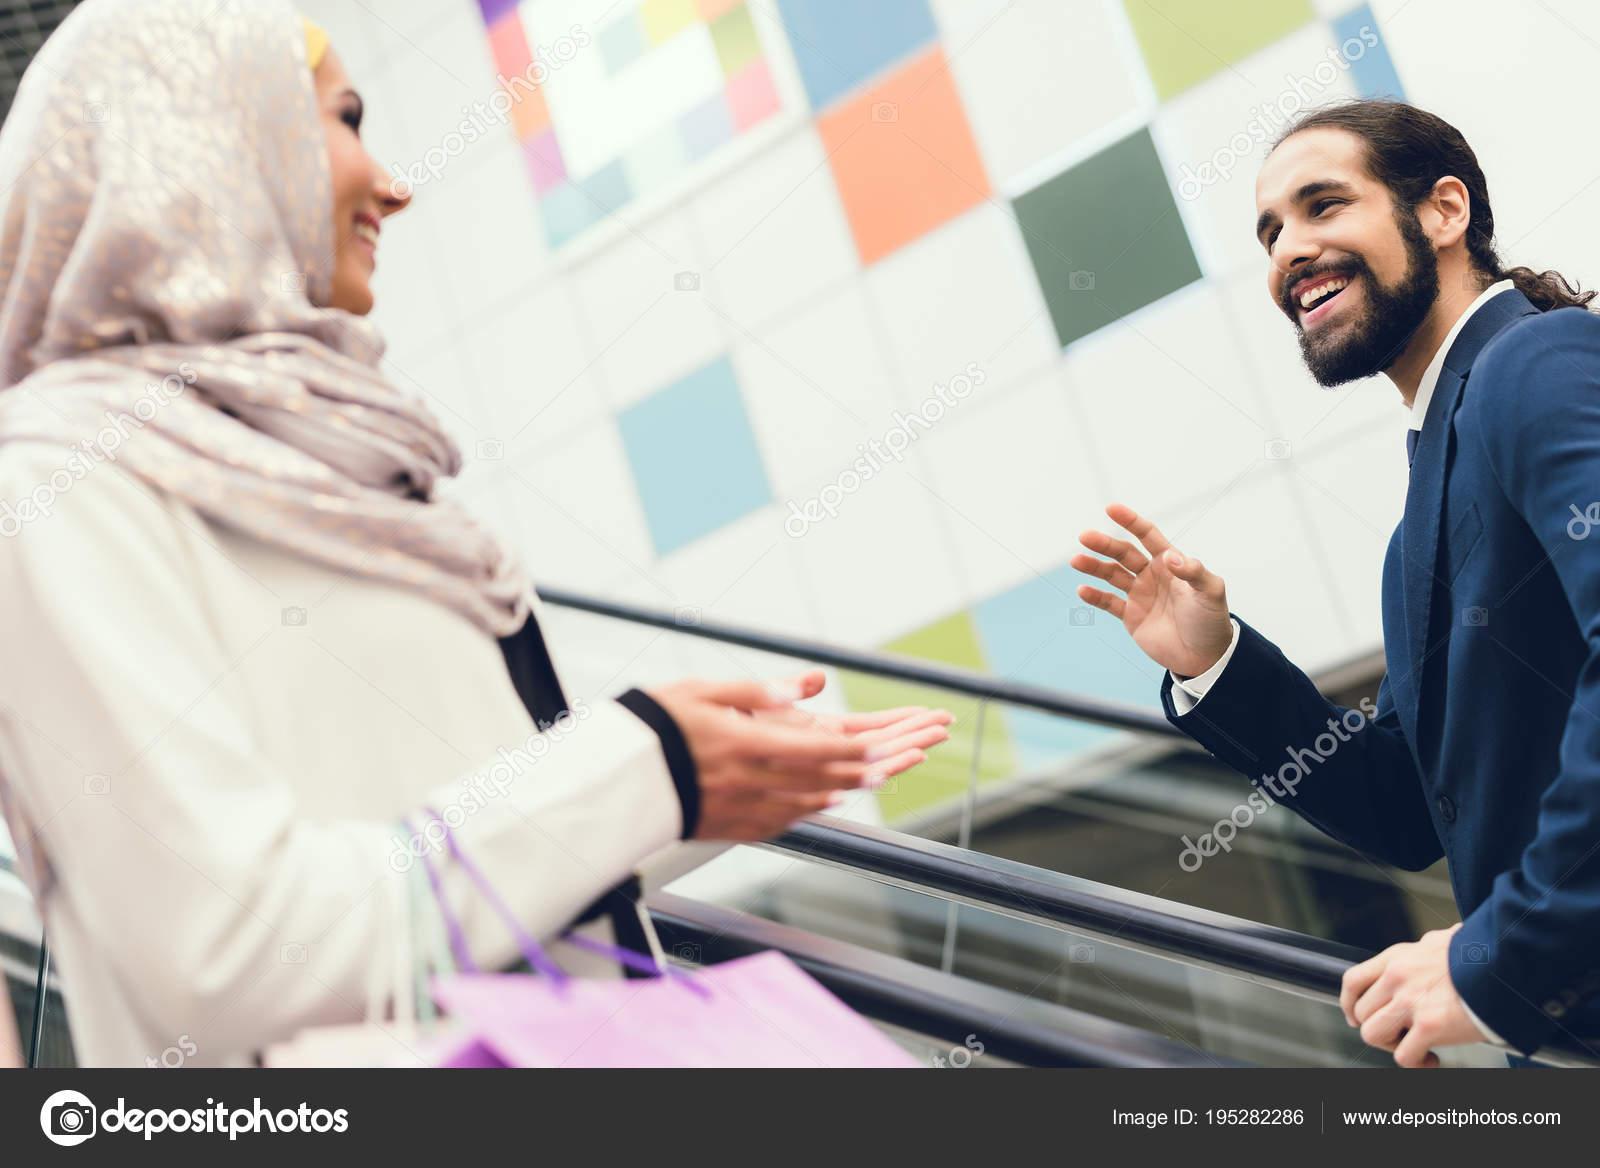 Rencontre arabe rencontrer un homme bien rencontres annonces rencontres serieuses